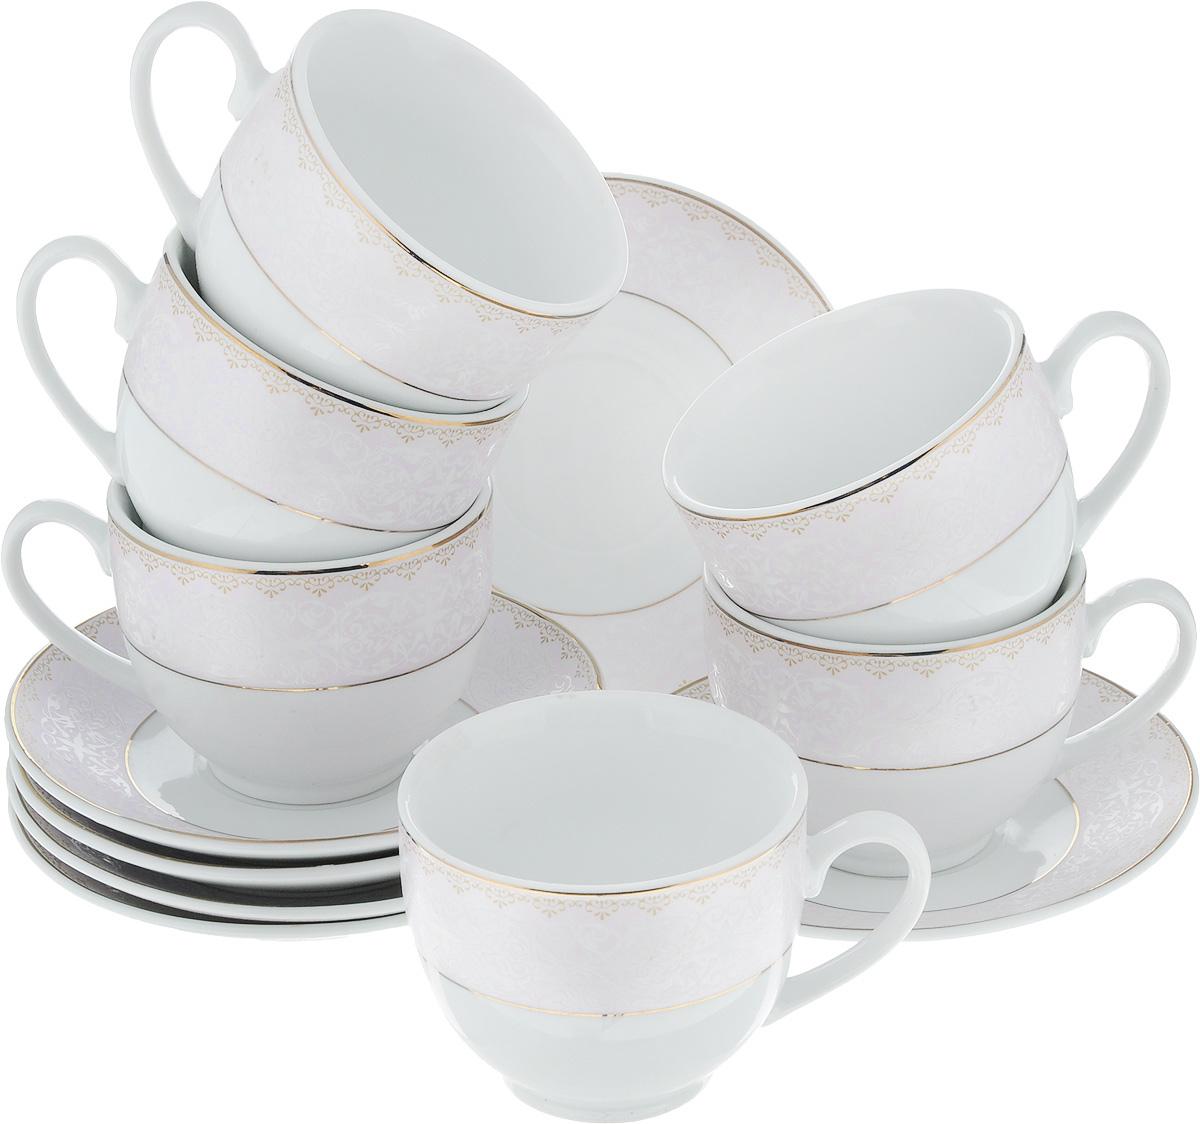 Набор чайный Loraine, 12 предметов. 2590225902Чайный набор Loraine состоит из шести чашек и шести блюдец. Изделия выполнены из высококачественного фарфора и оформлены нежным декором. Такой набор изящно дополнит сервировку стола к чаепитию. Благодаря оригинальному дизайну и качеству исполнения, он станет замечательным подарком для ваших друзей и близких. Объем чашки: 240 мл. Диаметр чашки (по верхнему краю): 8,5 см. Высота чашки: 7 см. Диаметр блюдца: 14 см. Высота блюдца: 2 см.